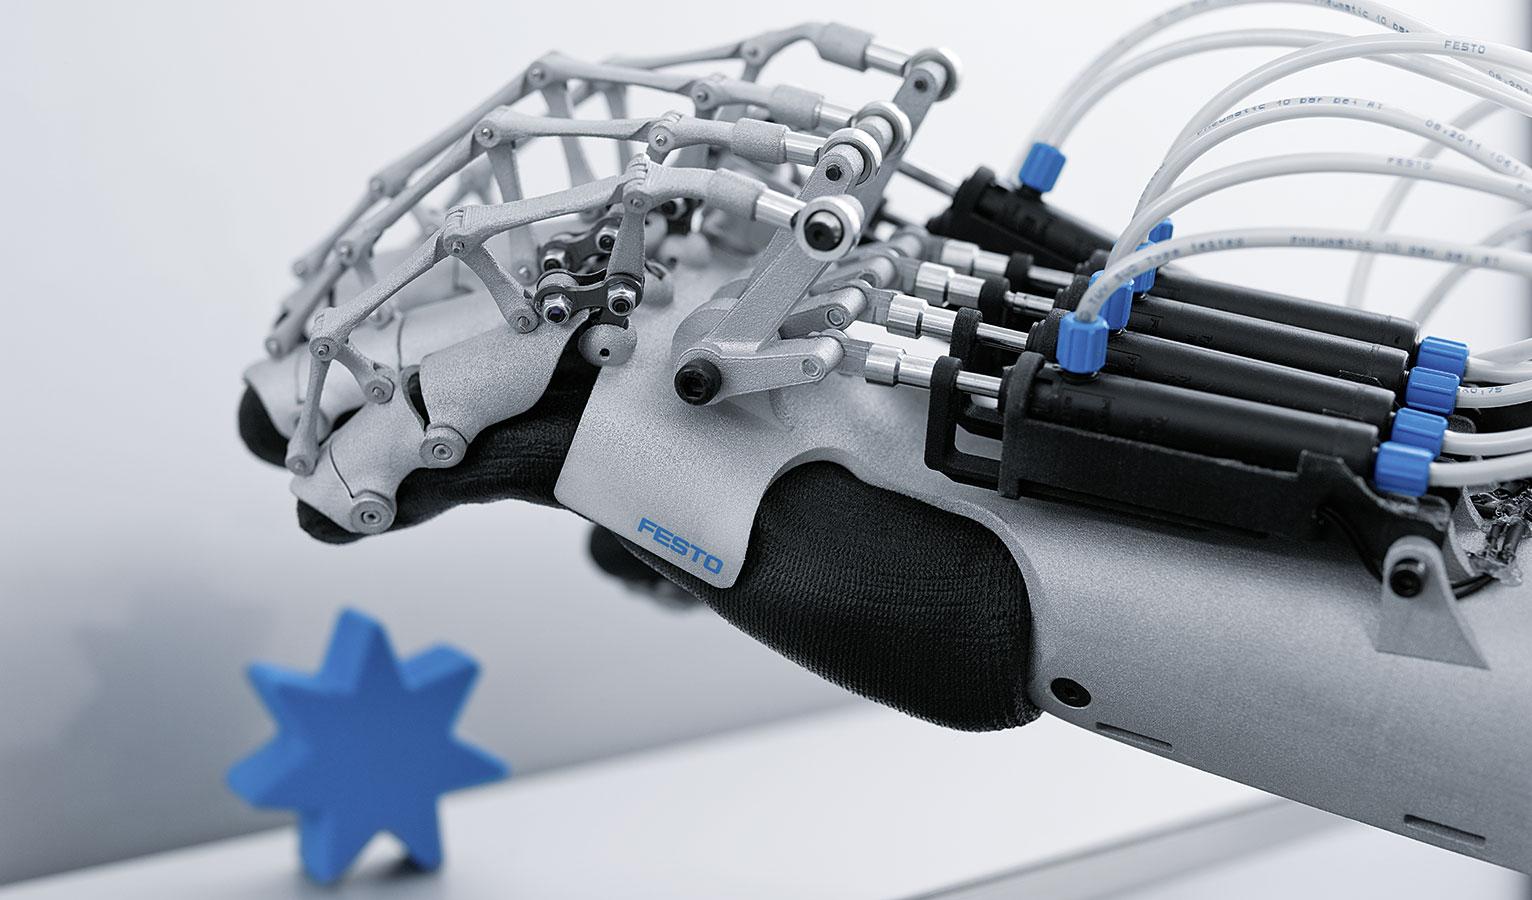 它由可穿戴的机械手套和外骨骼机械手臂两部分组成,像手套一样佩戴,然图片